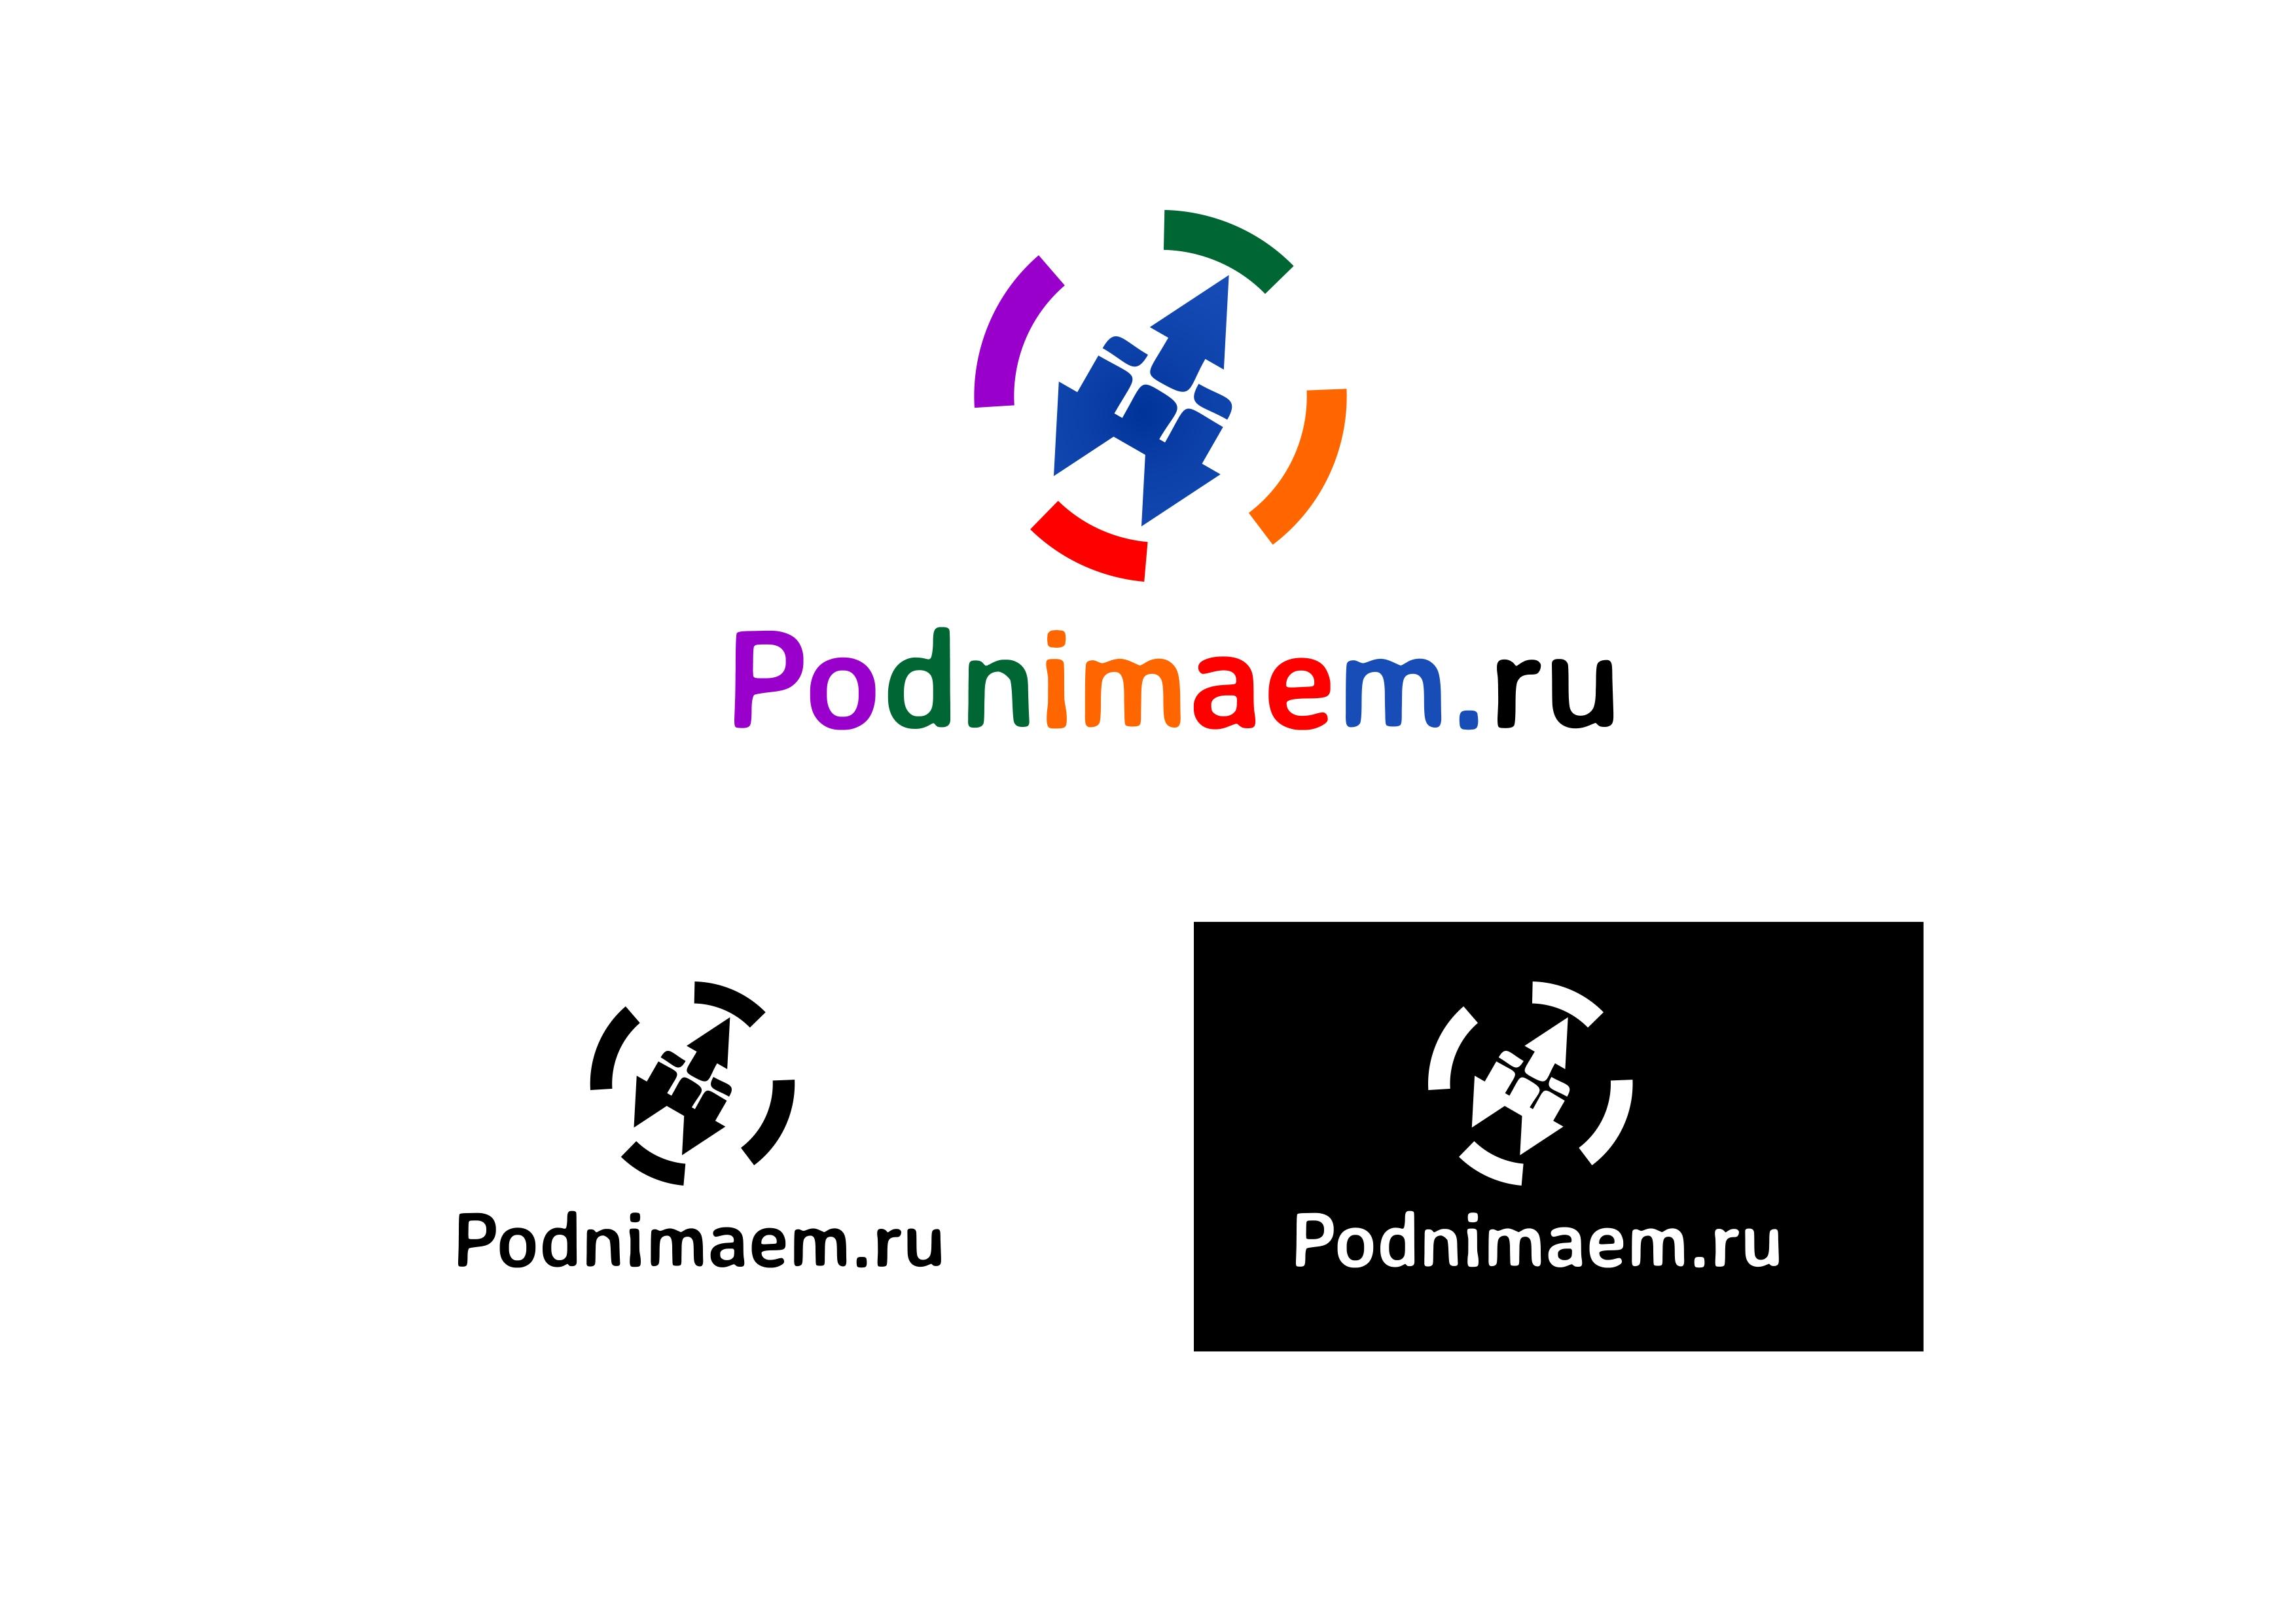 Разработать логотип + визитку + логотип для печати ООО +++ фото f_935554b1b81182a9.jpg